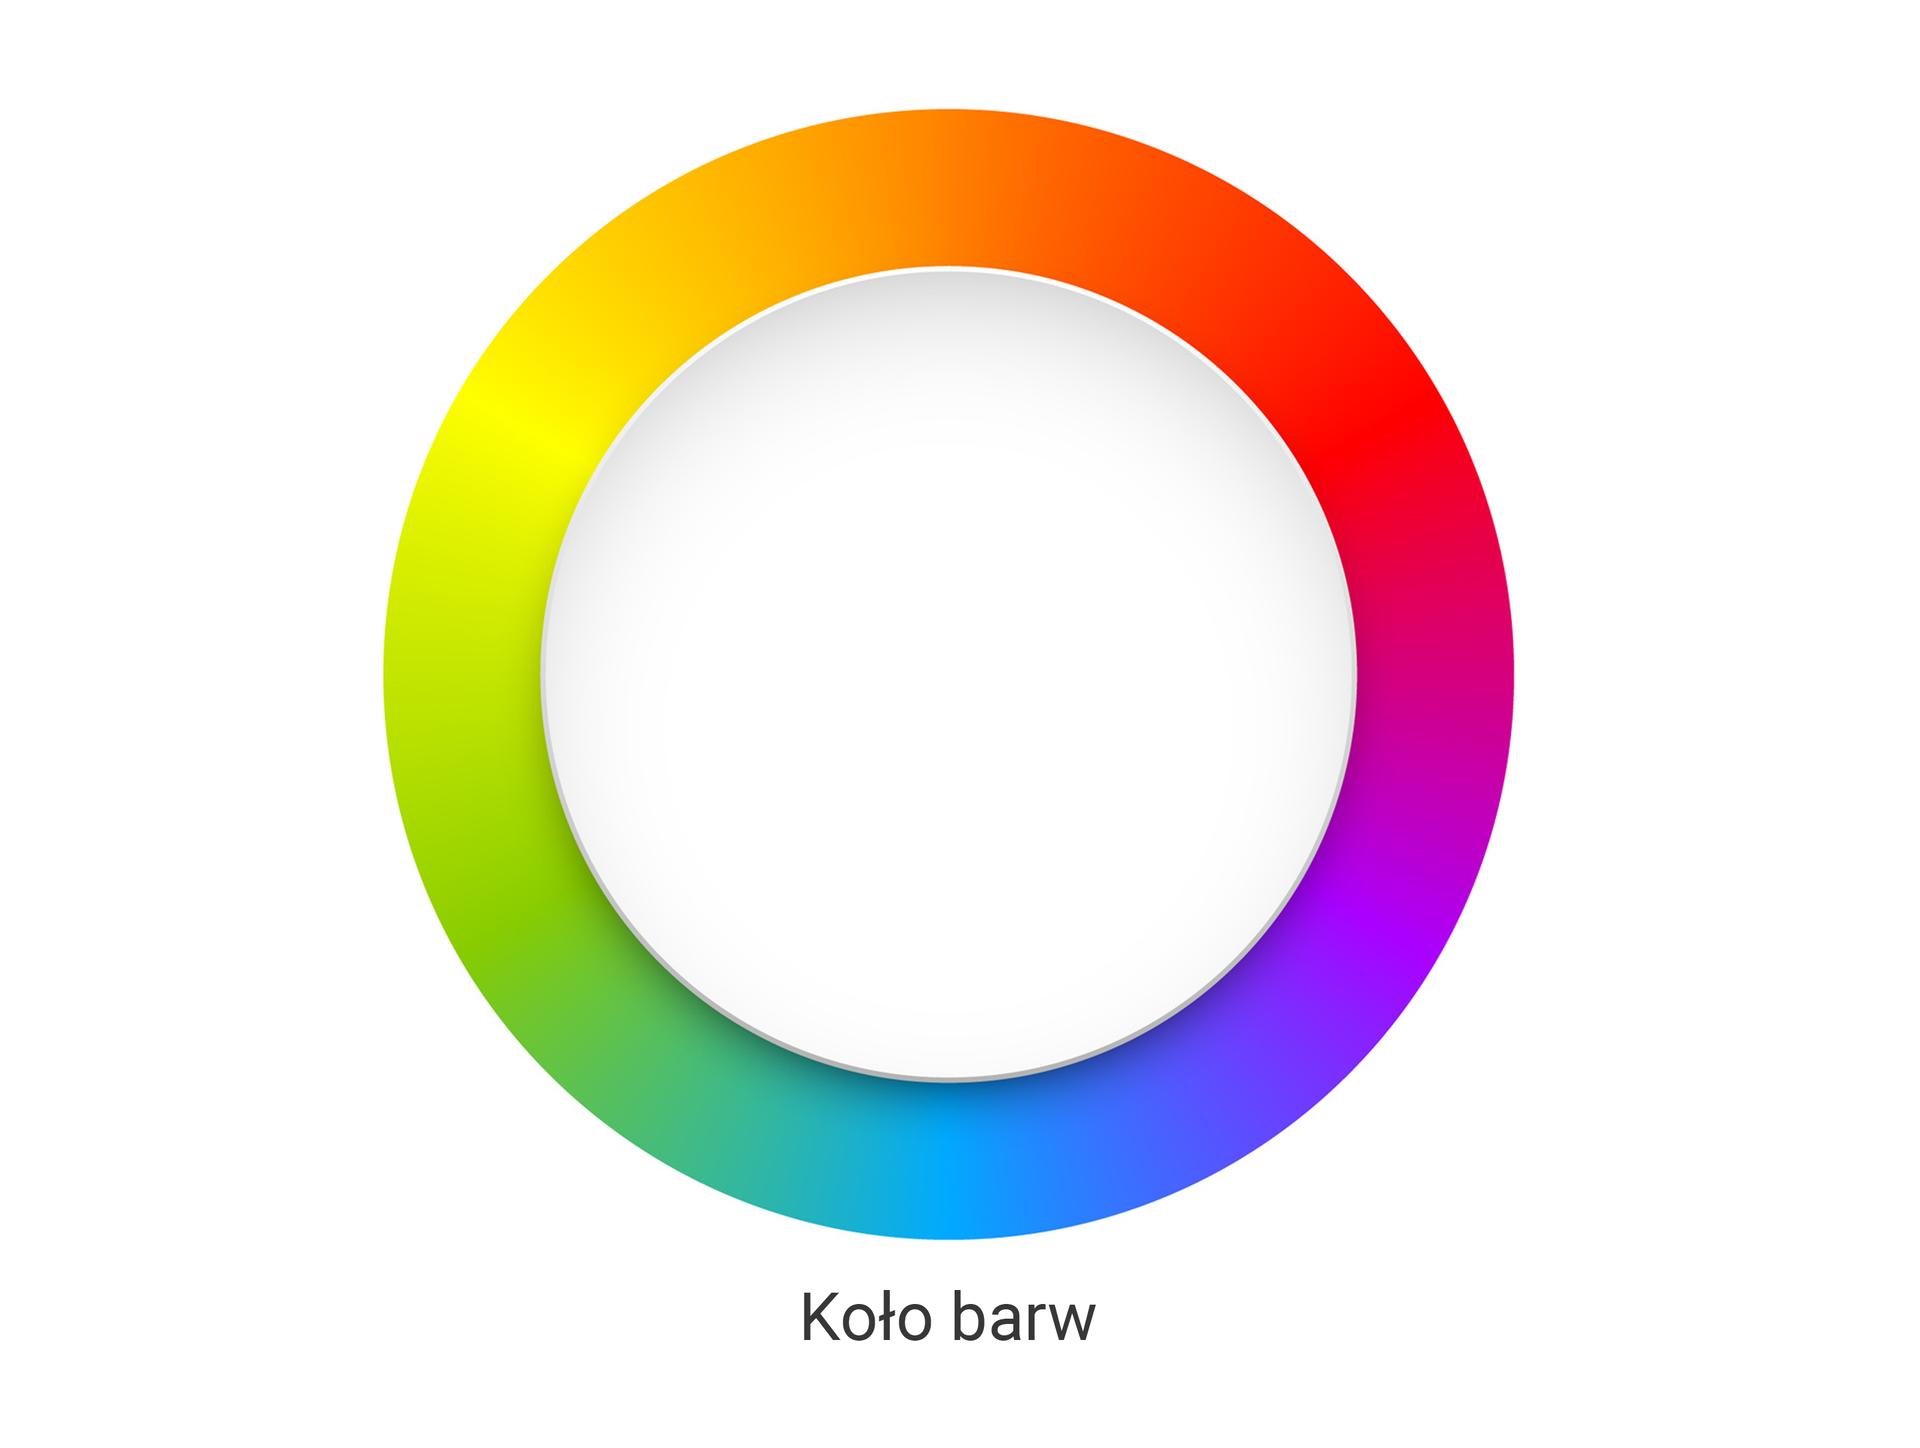 Ilustracja przedstawia koło barw. Zamieszczone są na nim różne odcienie kolorystyczne.